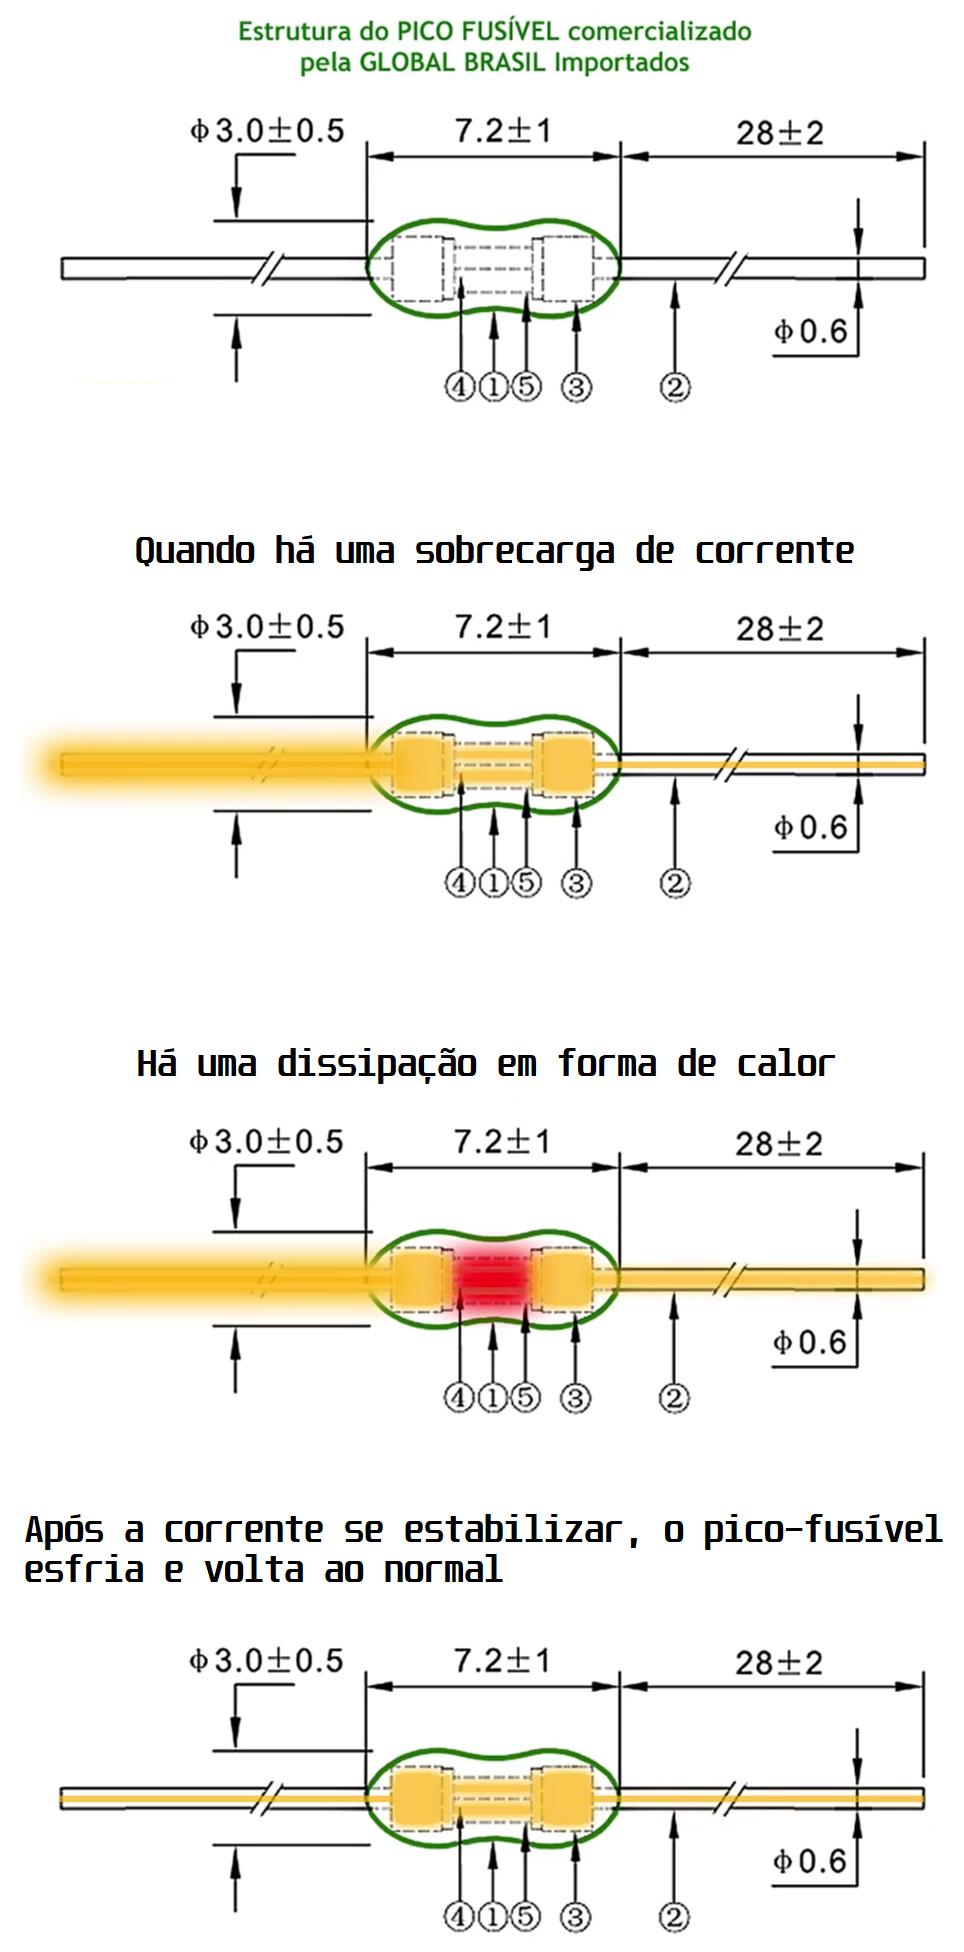 Diagrama de funcionamento do Pico-Fusível